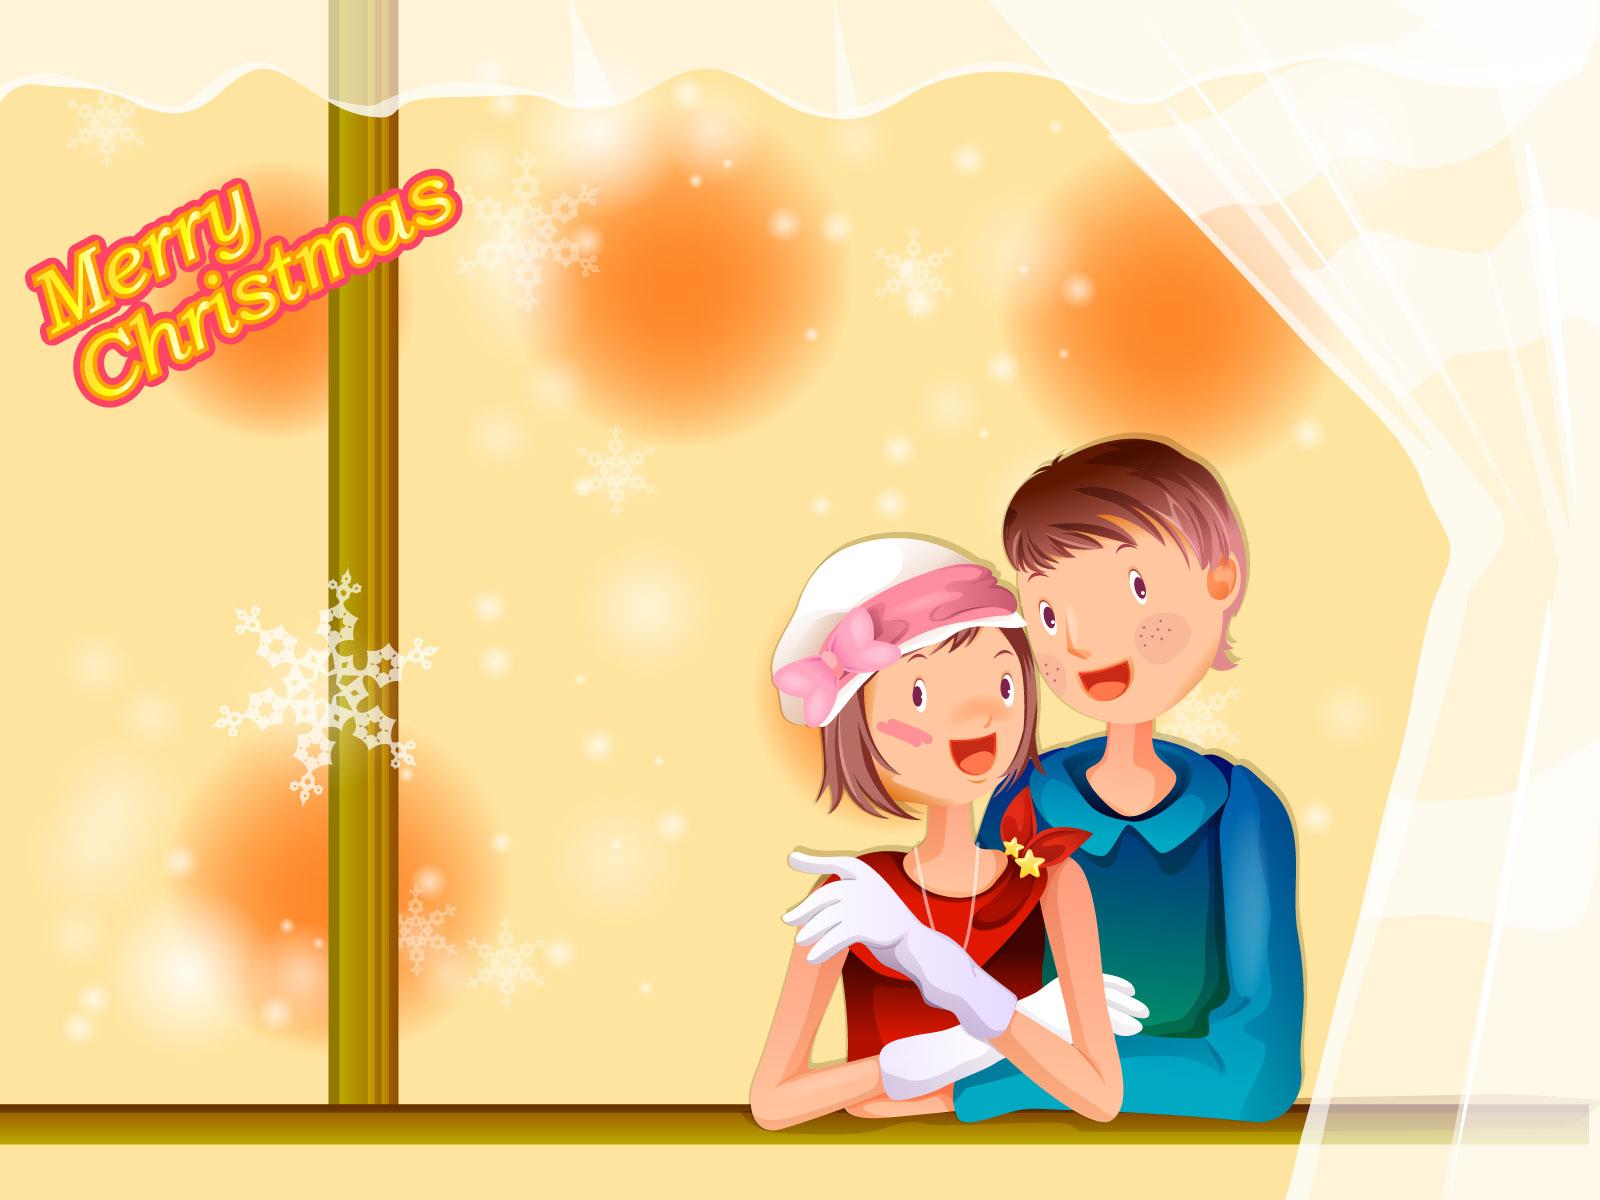 Merry-Christmas-wallper (5)